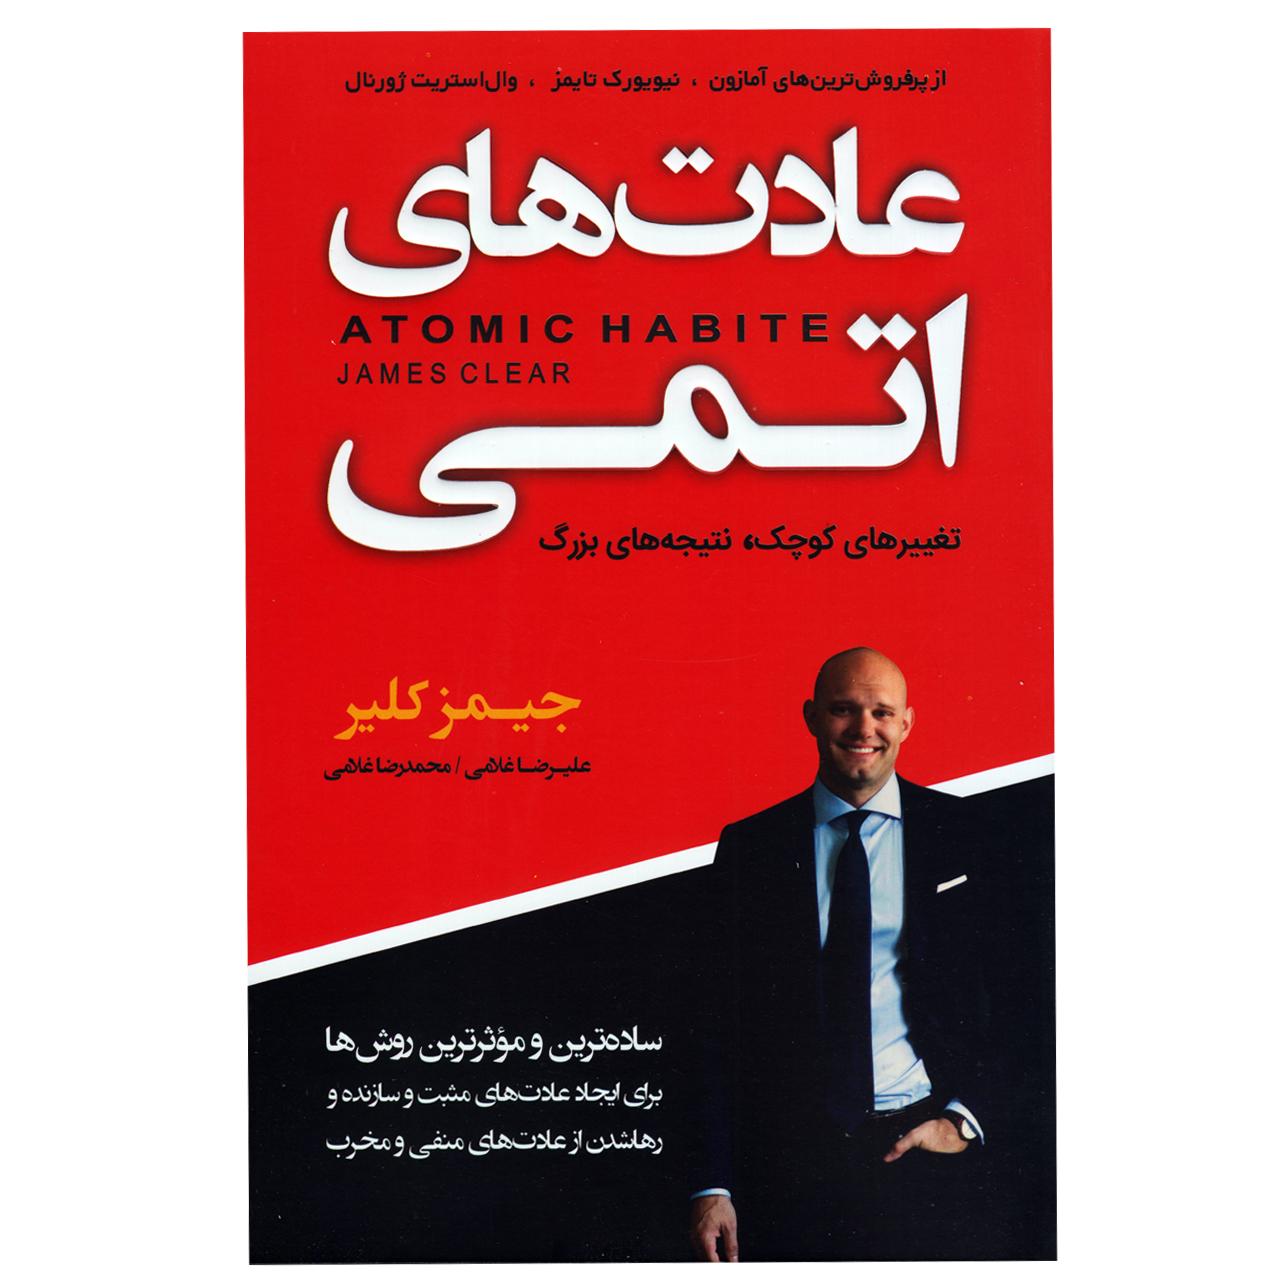 خرید                      کتاب عادت های اتمی اثر جیمز کلیر انتشارات آتیسا